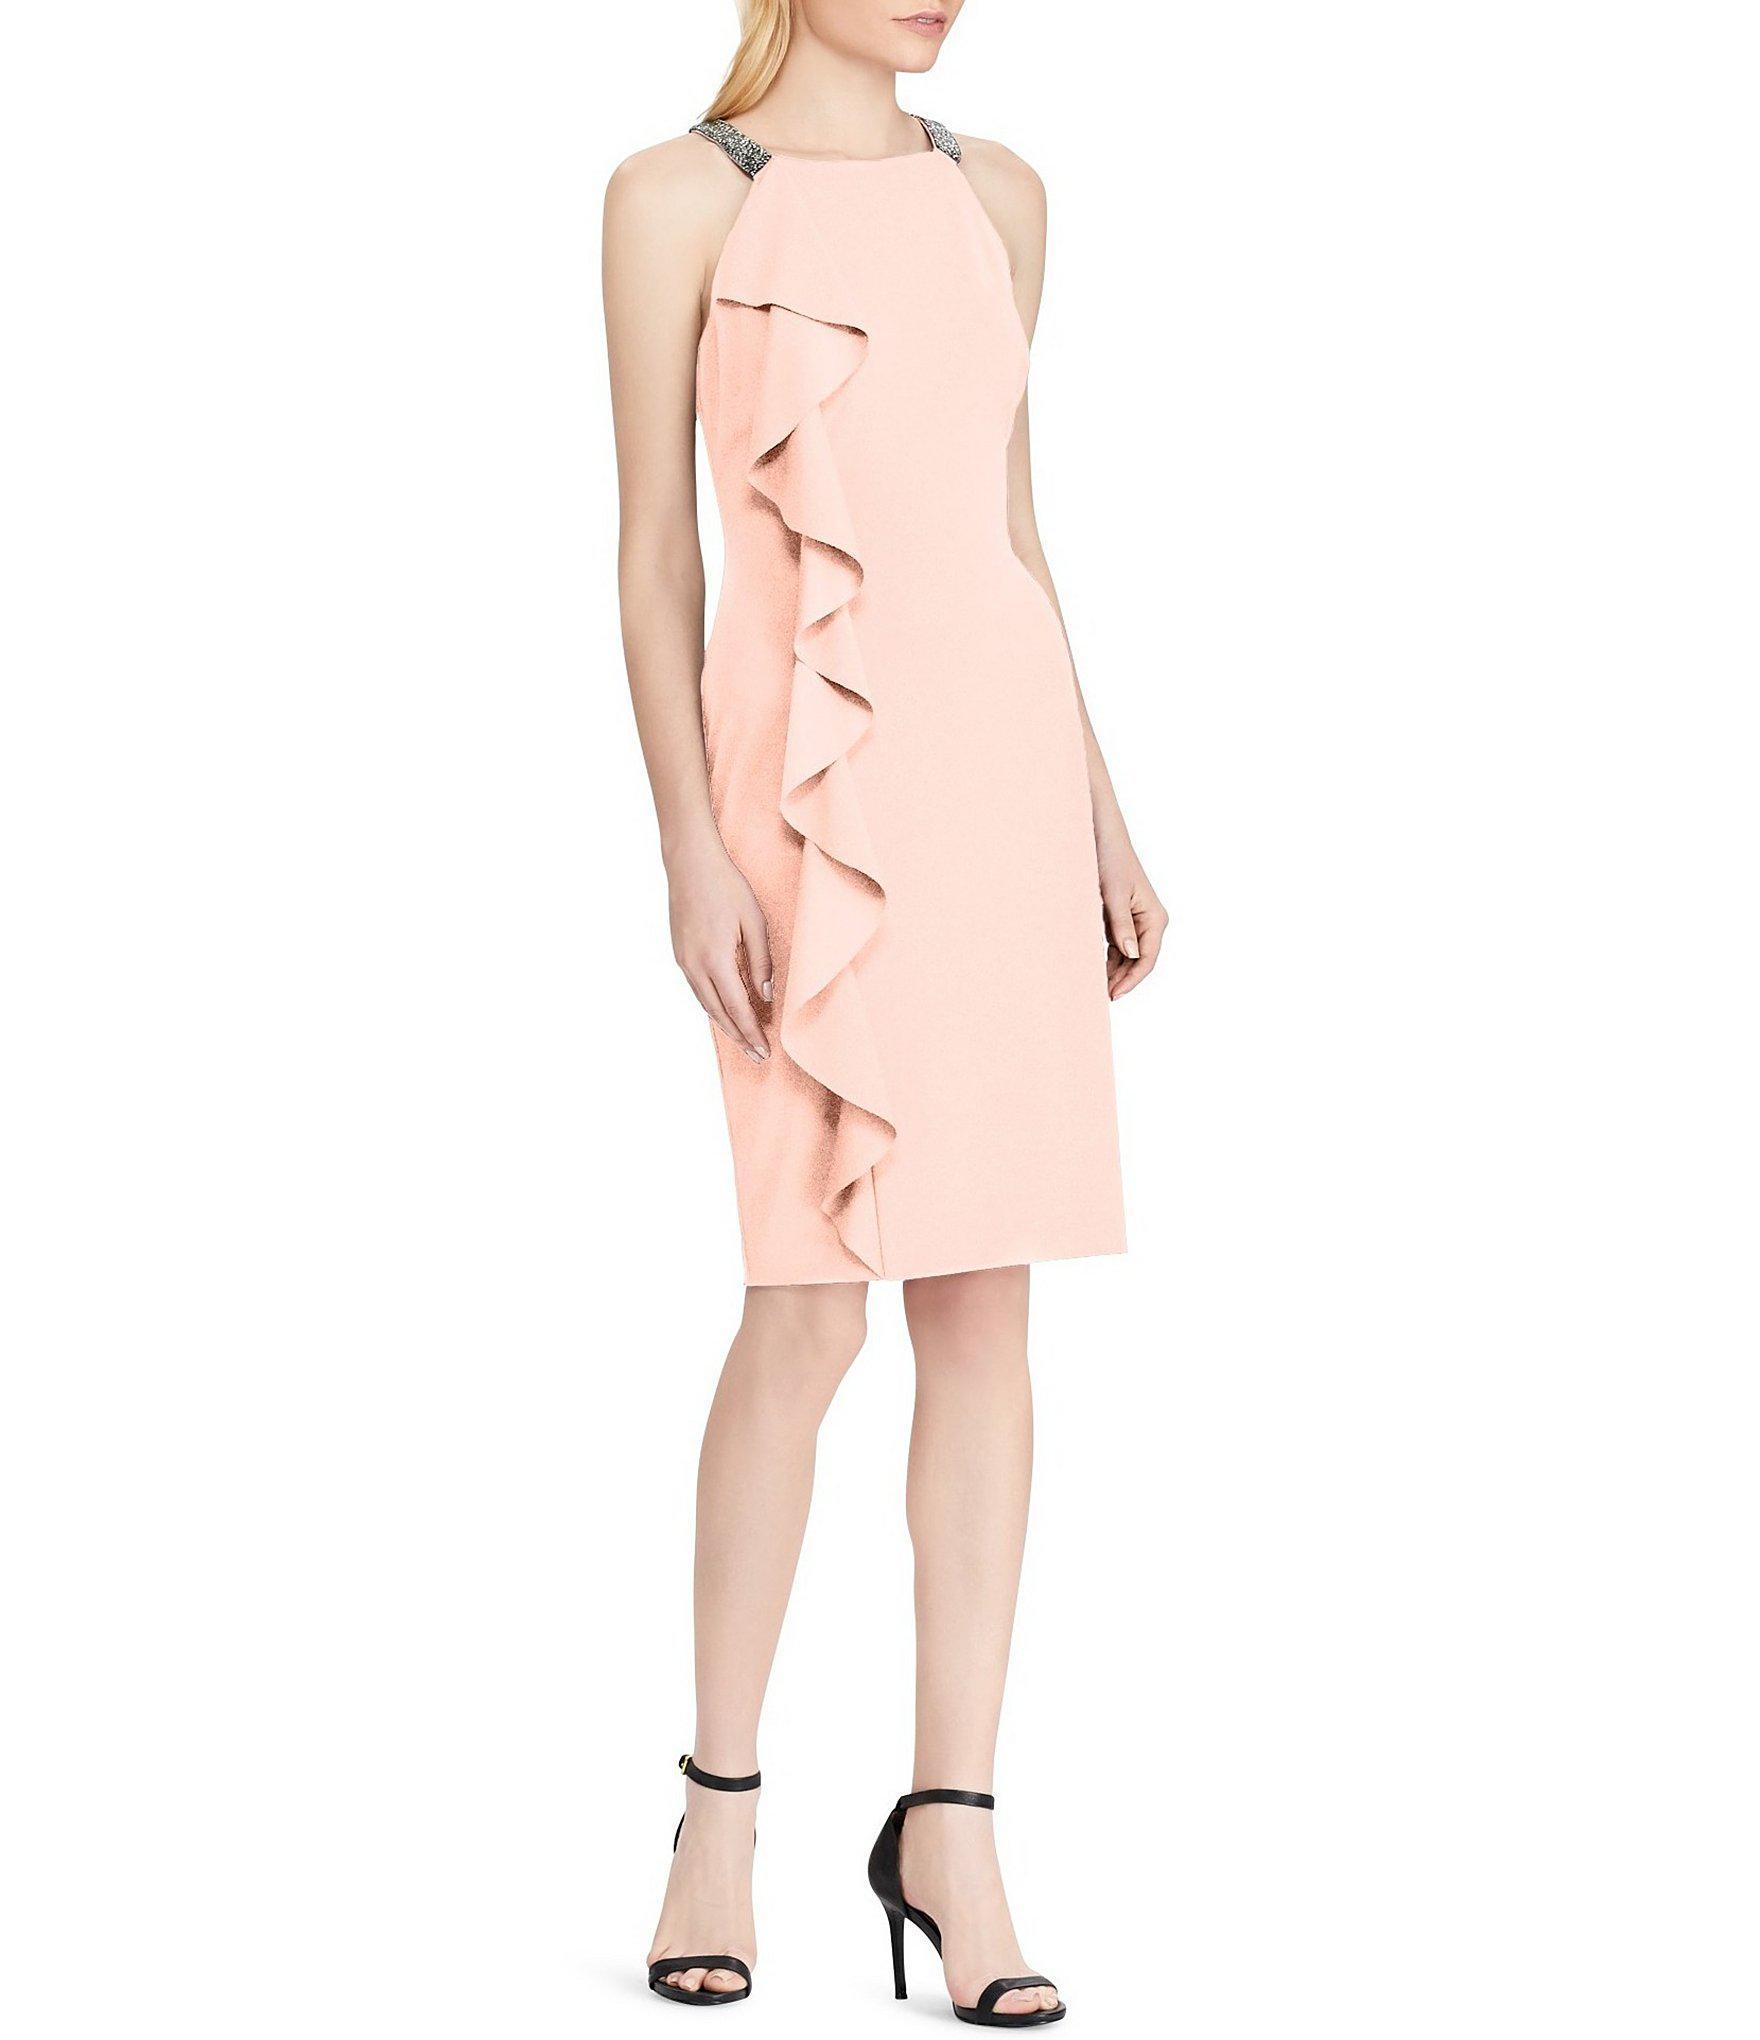 51558266 Lauren by Ralph Lauren Beaded Strap Ruffle Sheath Dress in Pink - Lyst